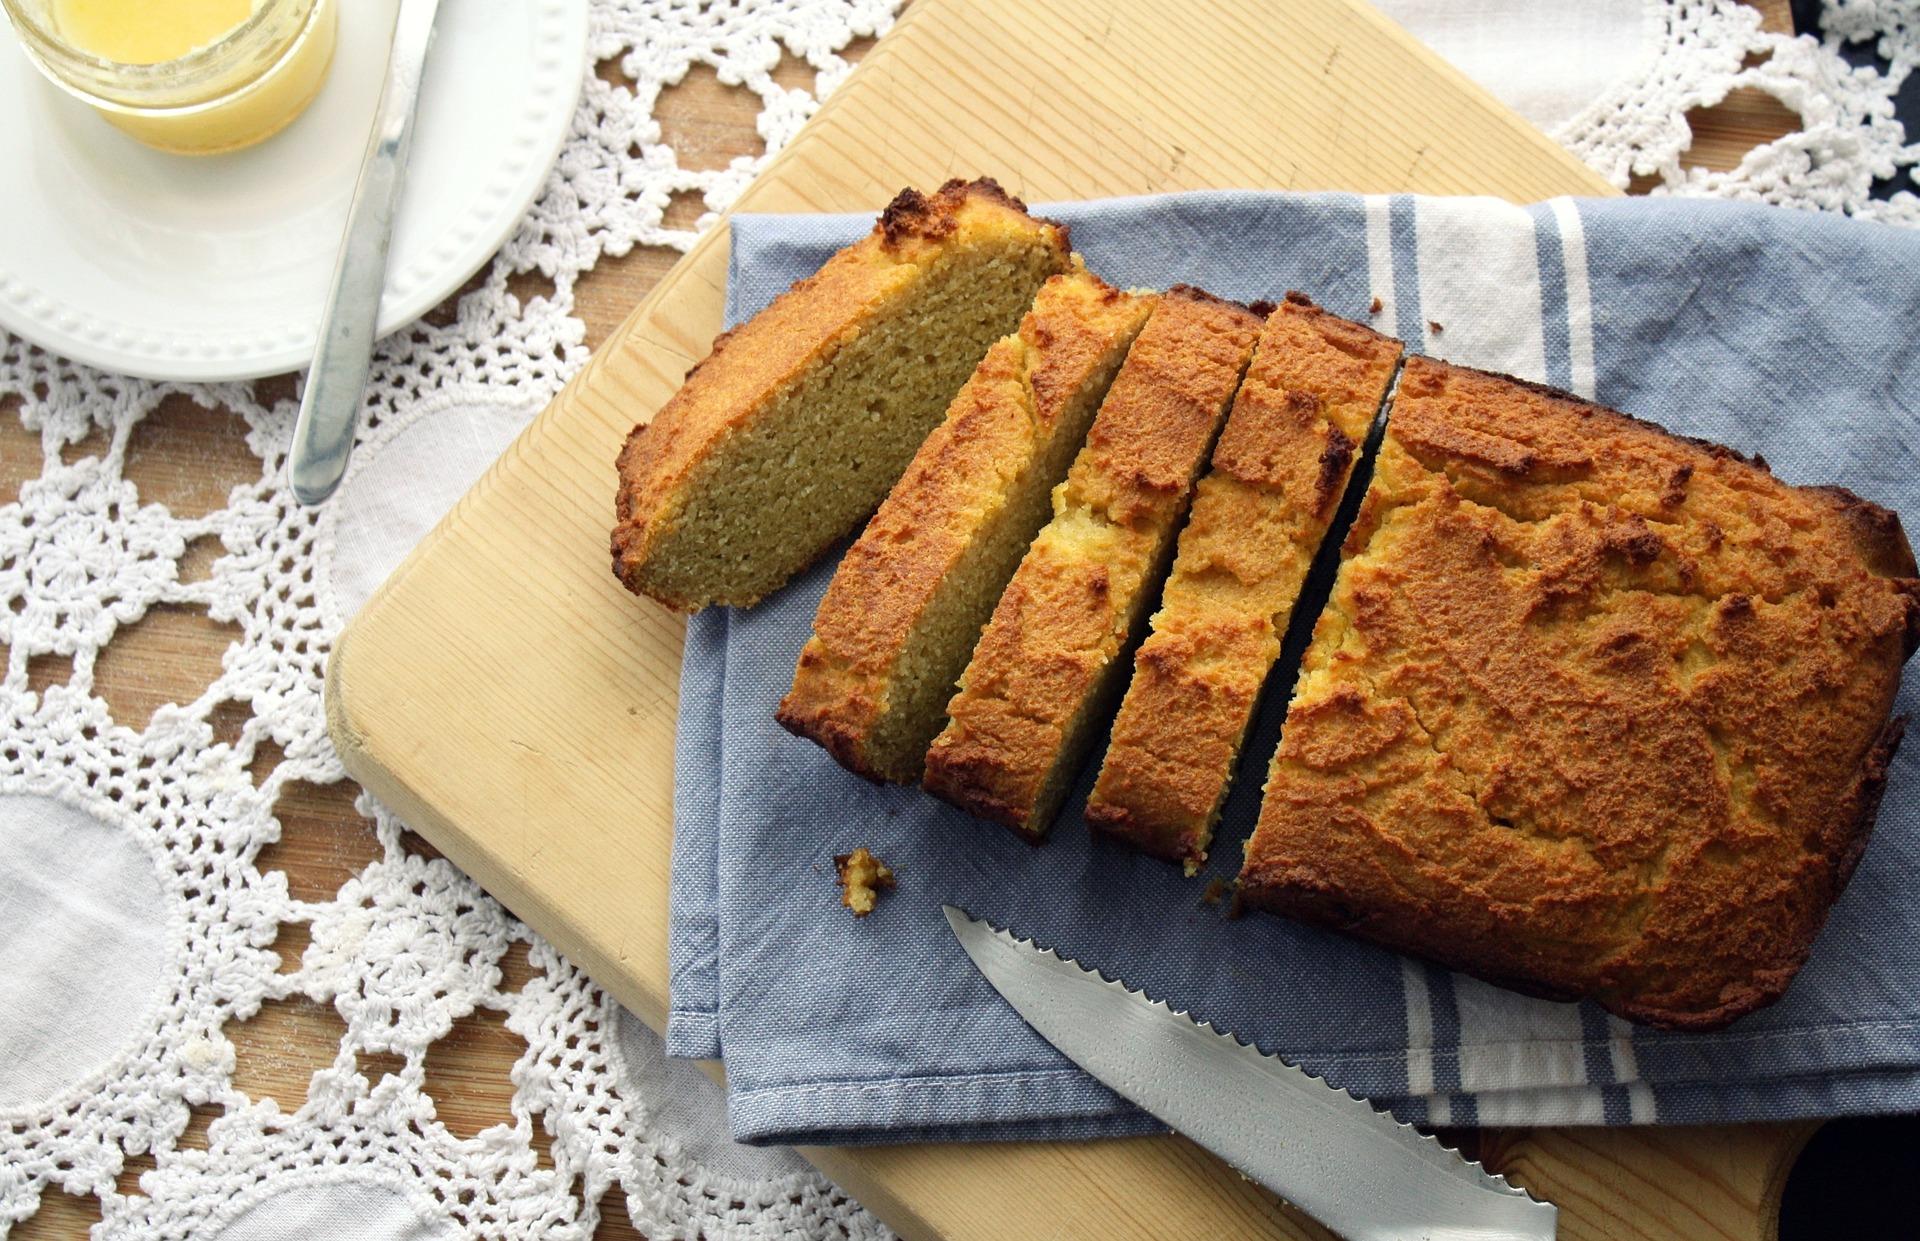 El pa sense gluten és cada cop més habitual en les dietes de moltes persones